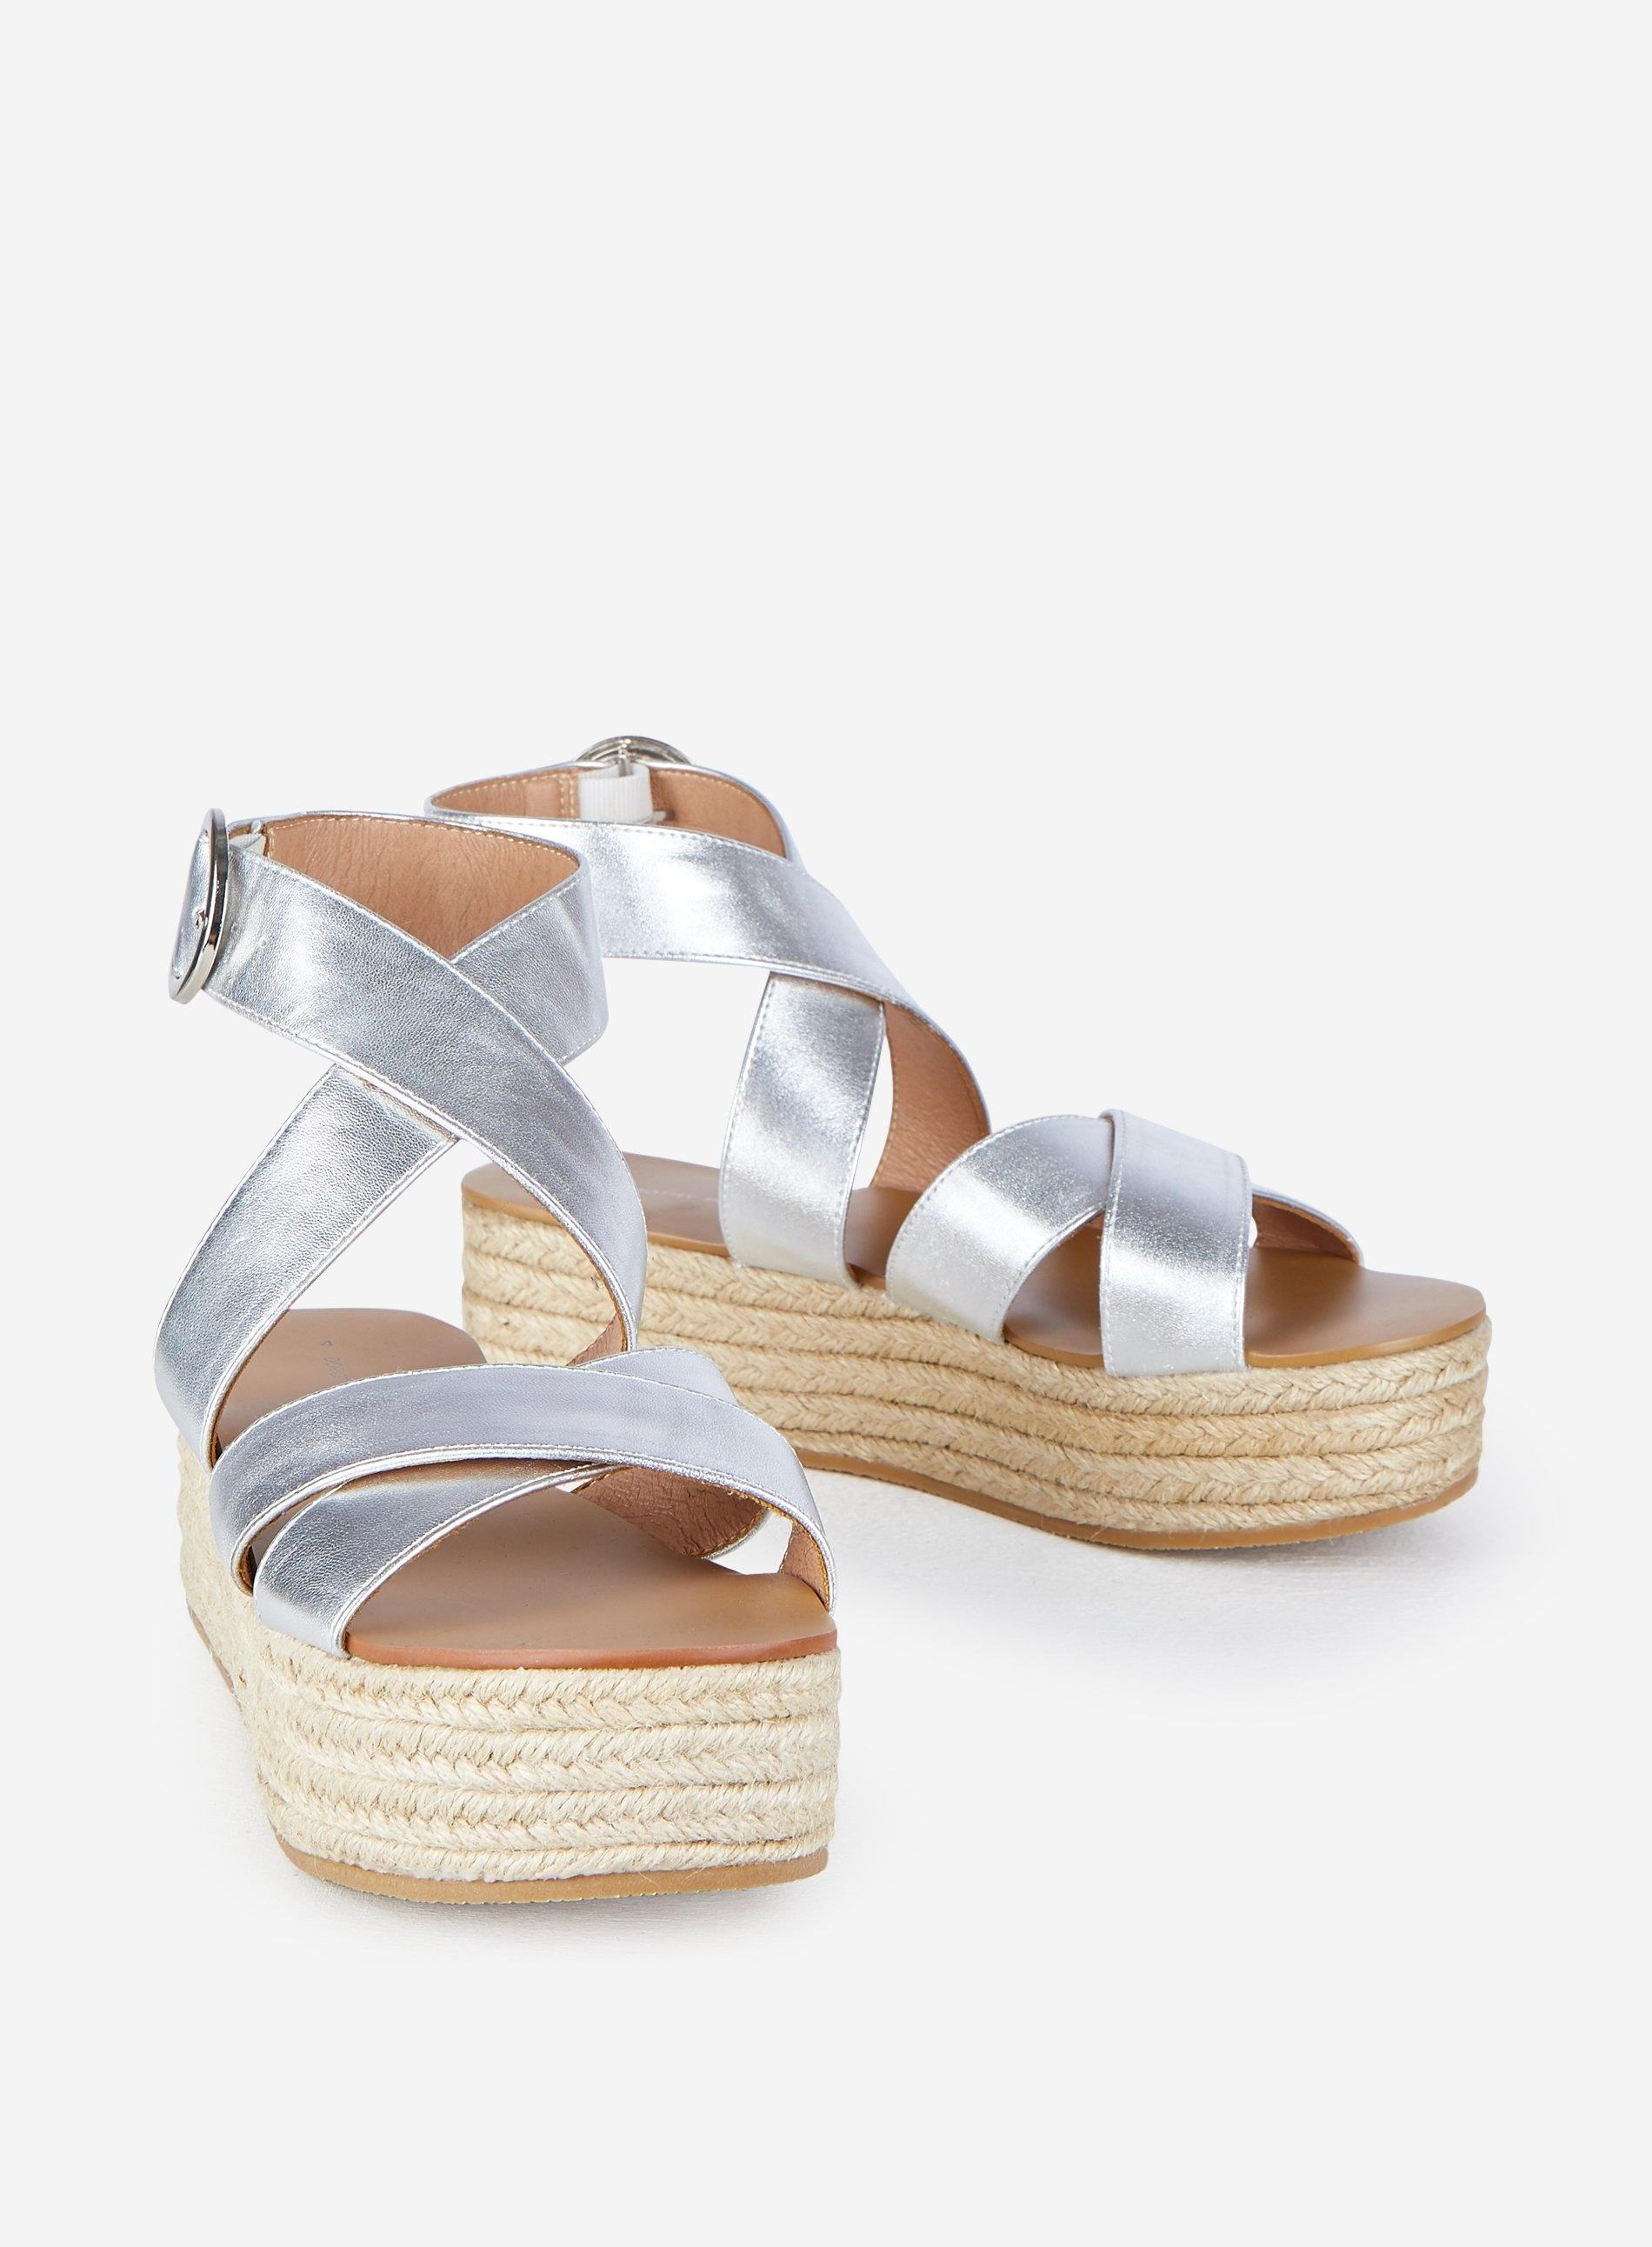 silver flatform sandals wholesale e6a1f